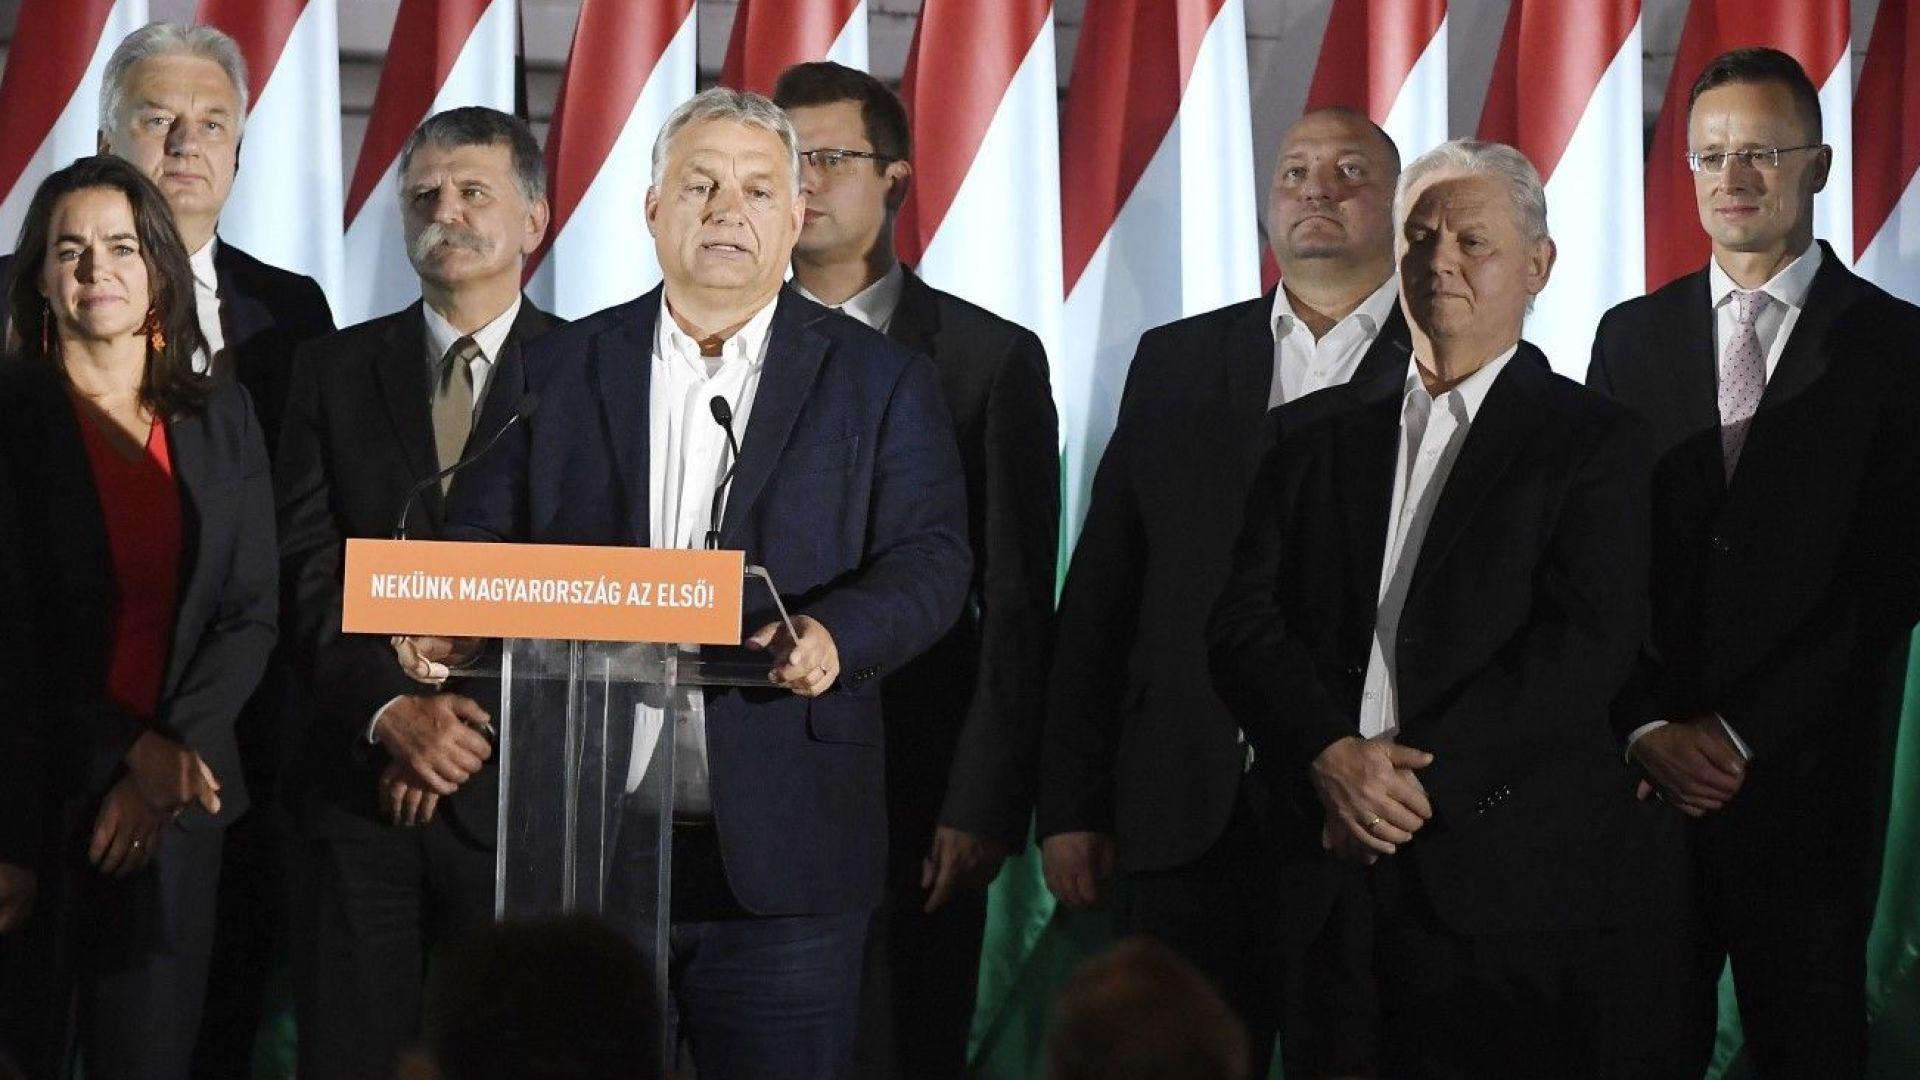 Шокиращата прогноза от Saxo Bank: Истинският крах на Европа ще започне с Унгария